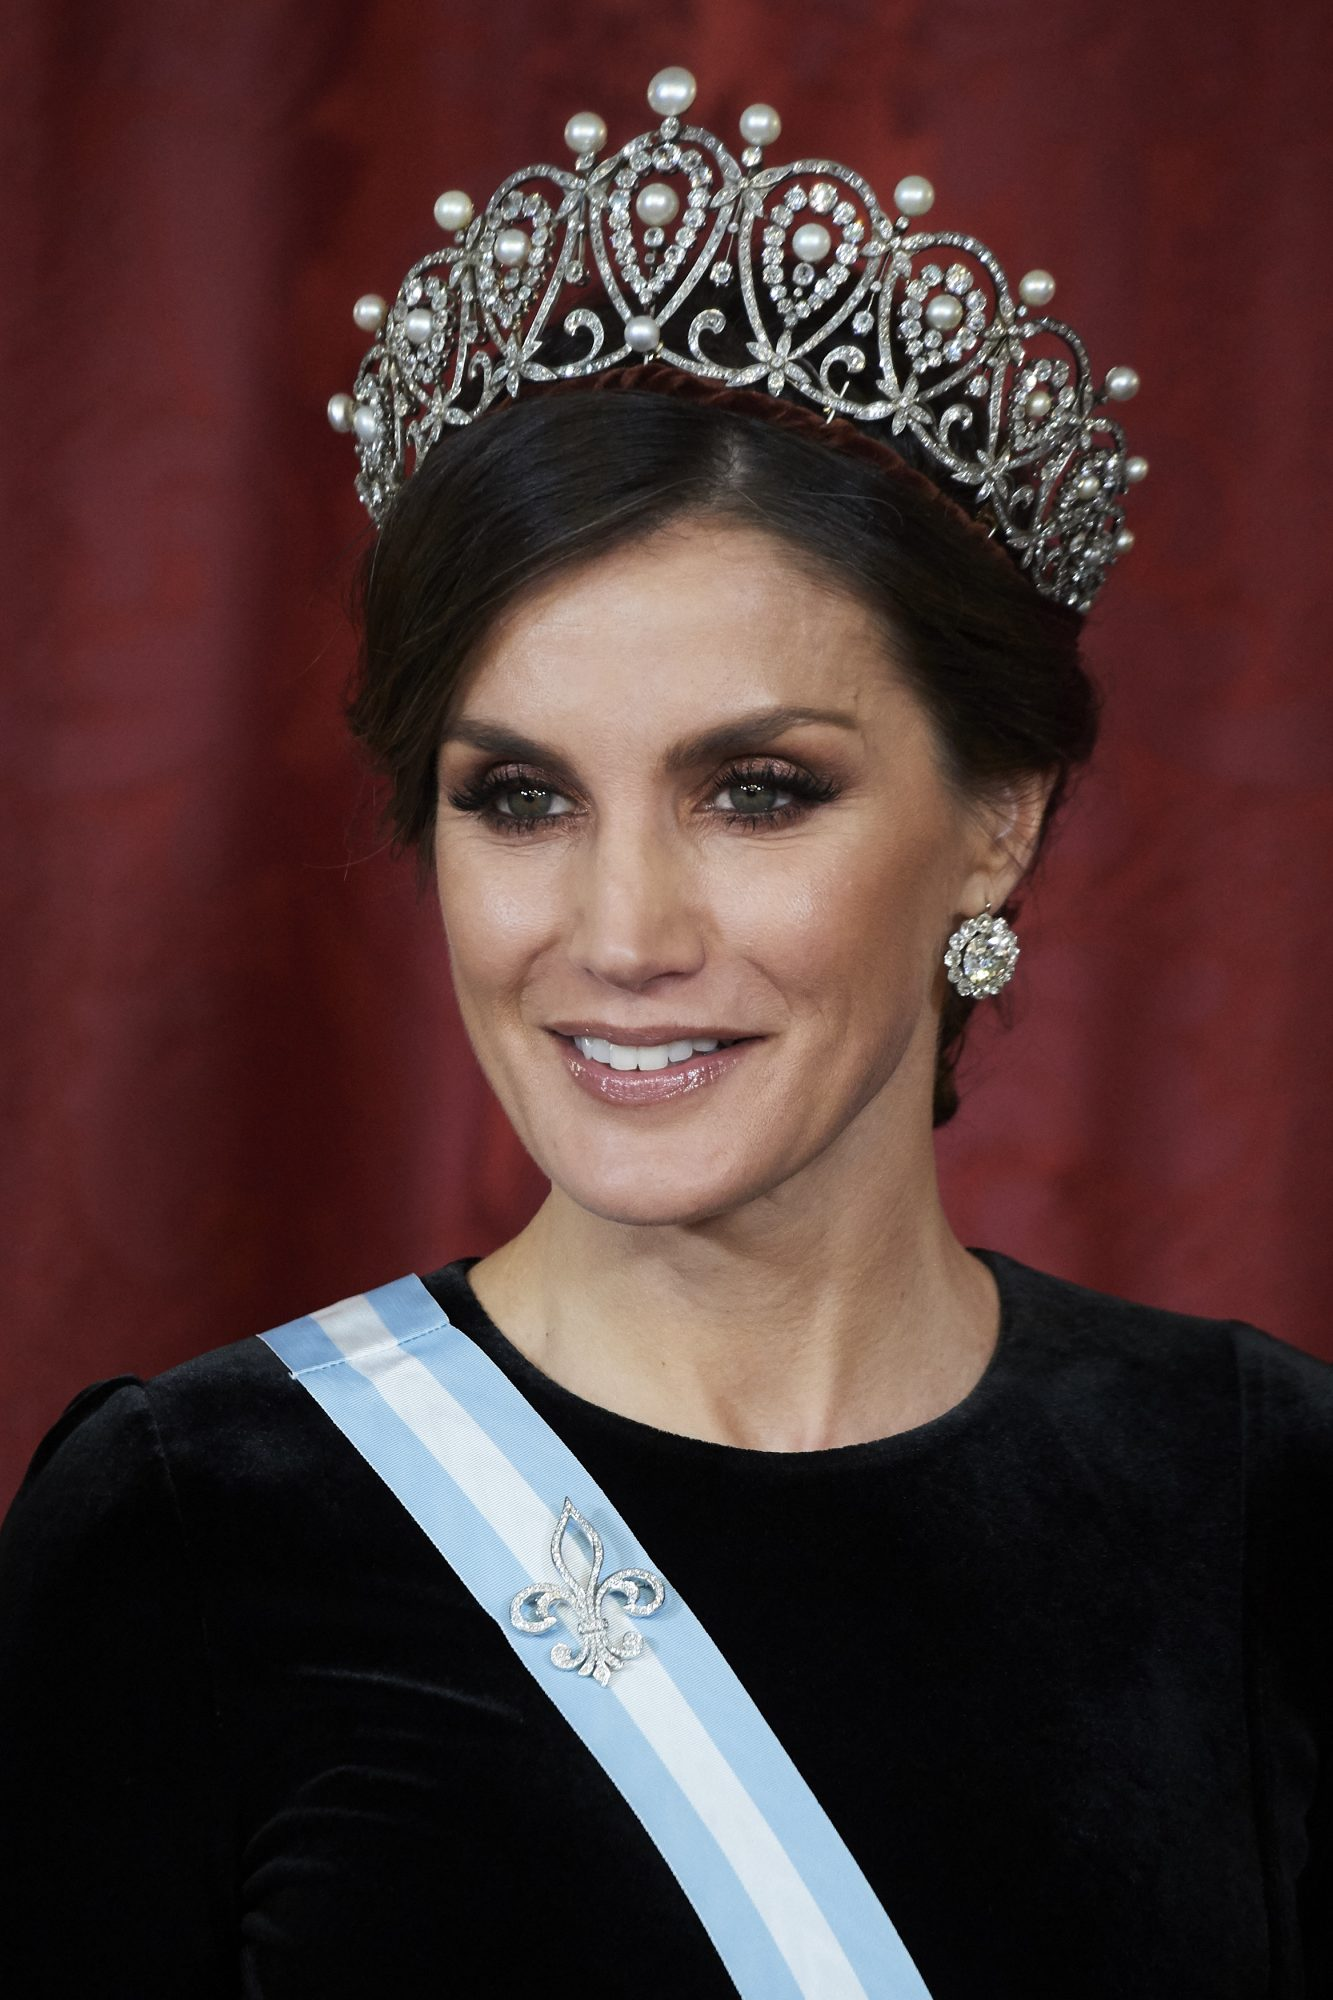 reina Letizia, España, realeza